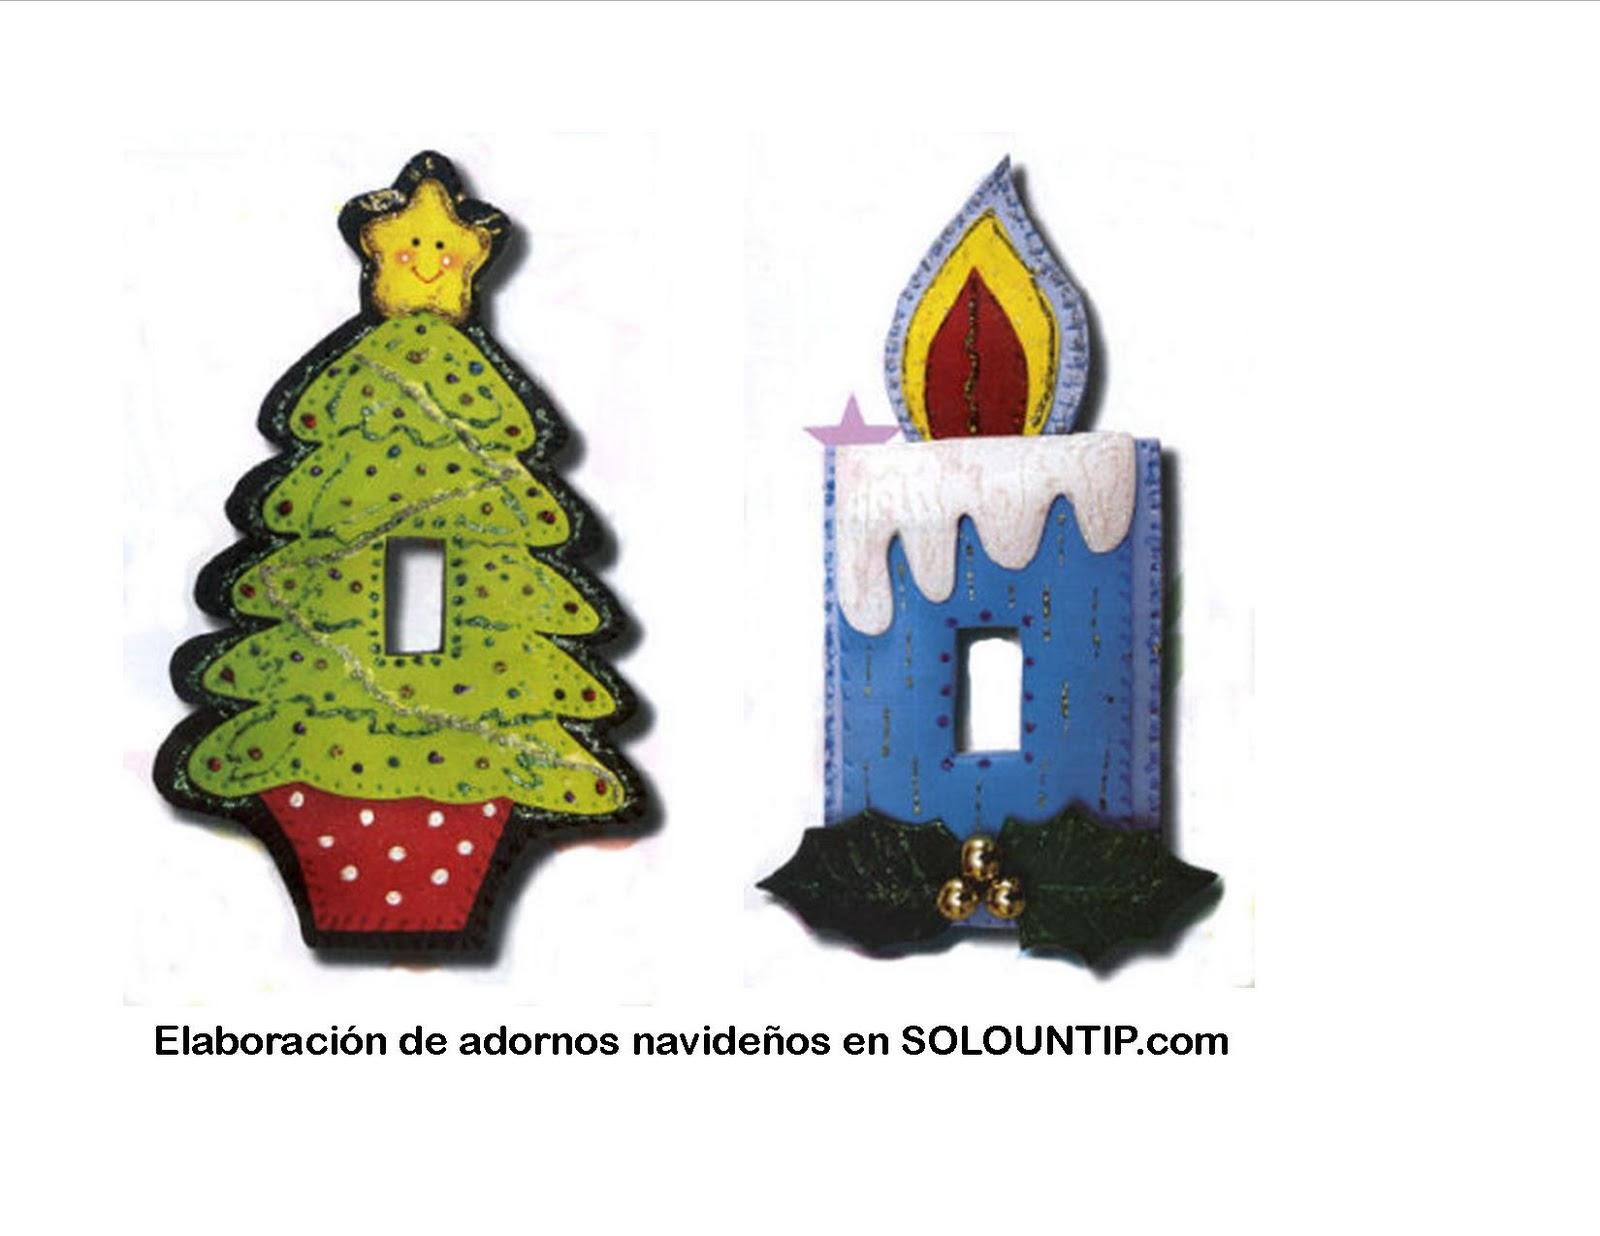 Adornos navide os en foami for Elaboracion de adornos navidenos